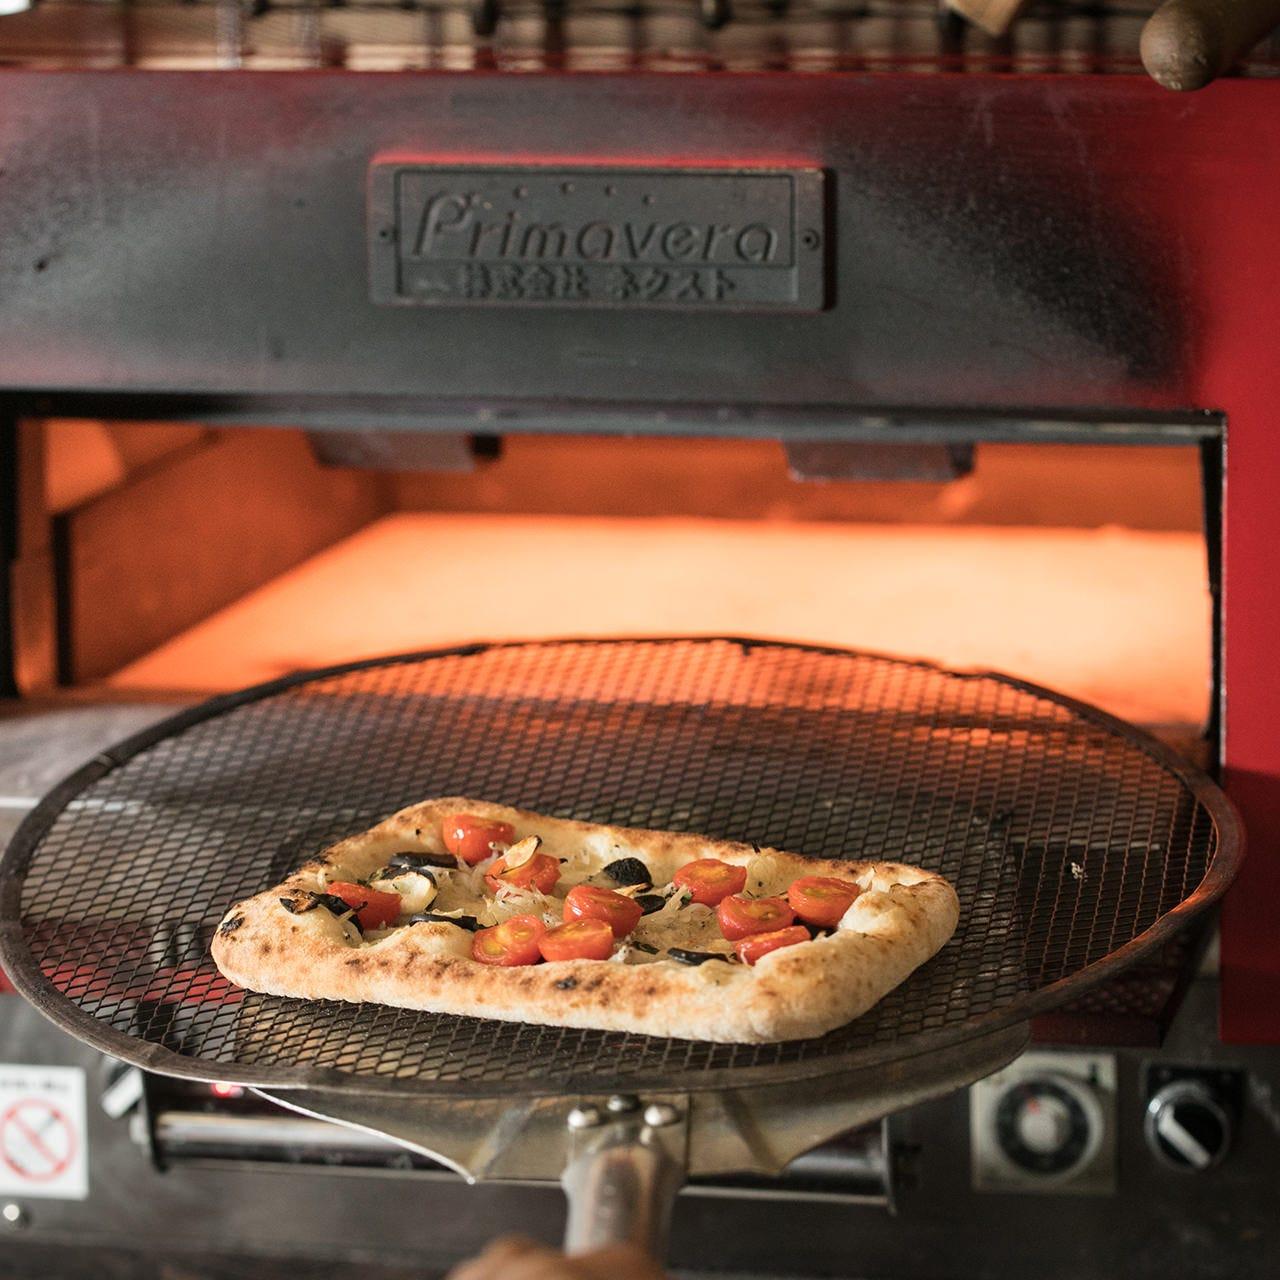 高温のオーブンで焼き上げるから、外はサクサク中はもっちり♪